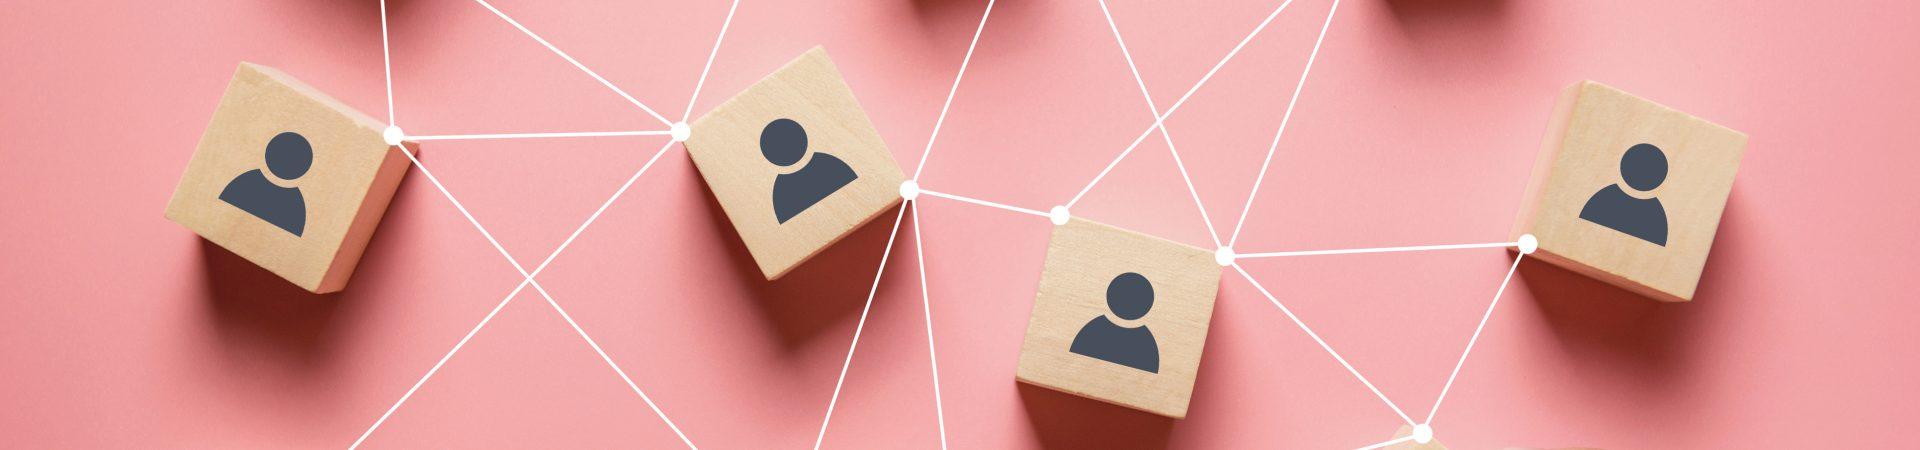 Construire la collaboration